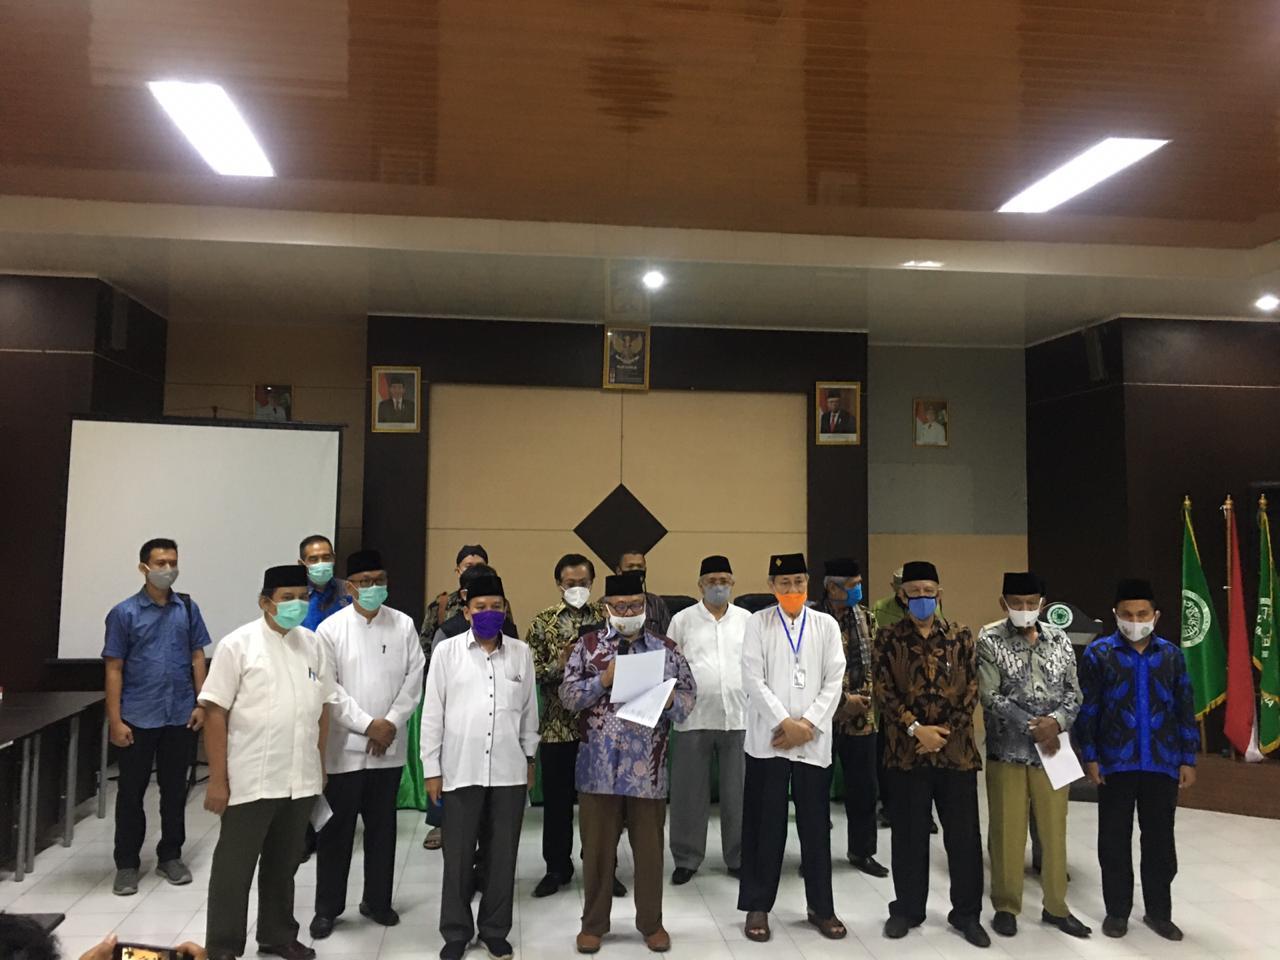 Ormas Islam Dan Majelis Agama Se Provinsi Banten, Menolak Aksi-aksi Demo Anarkis